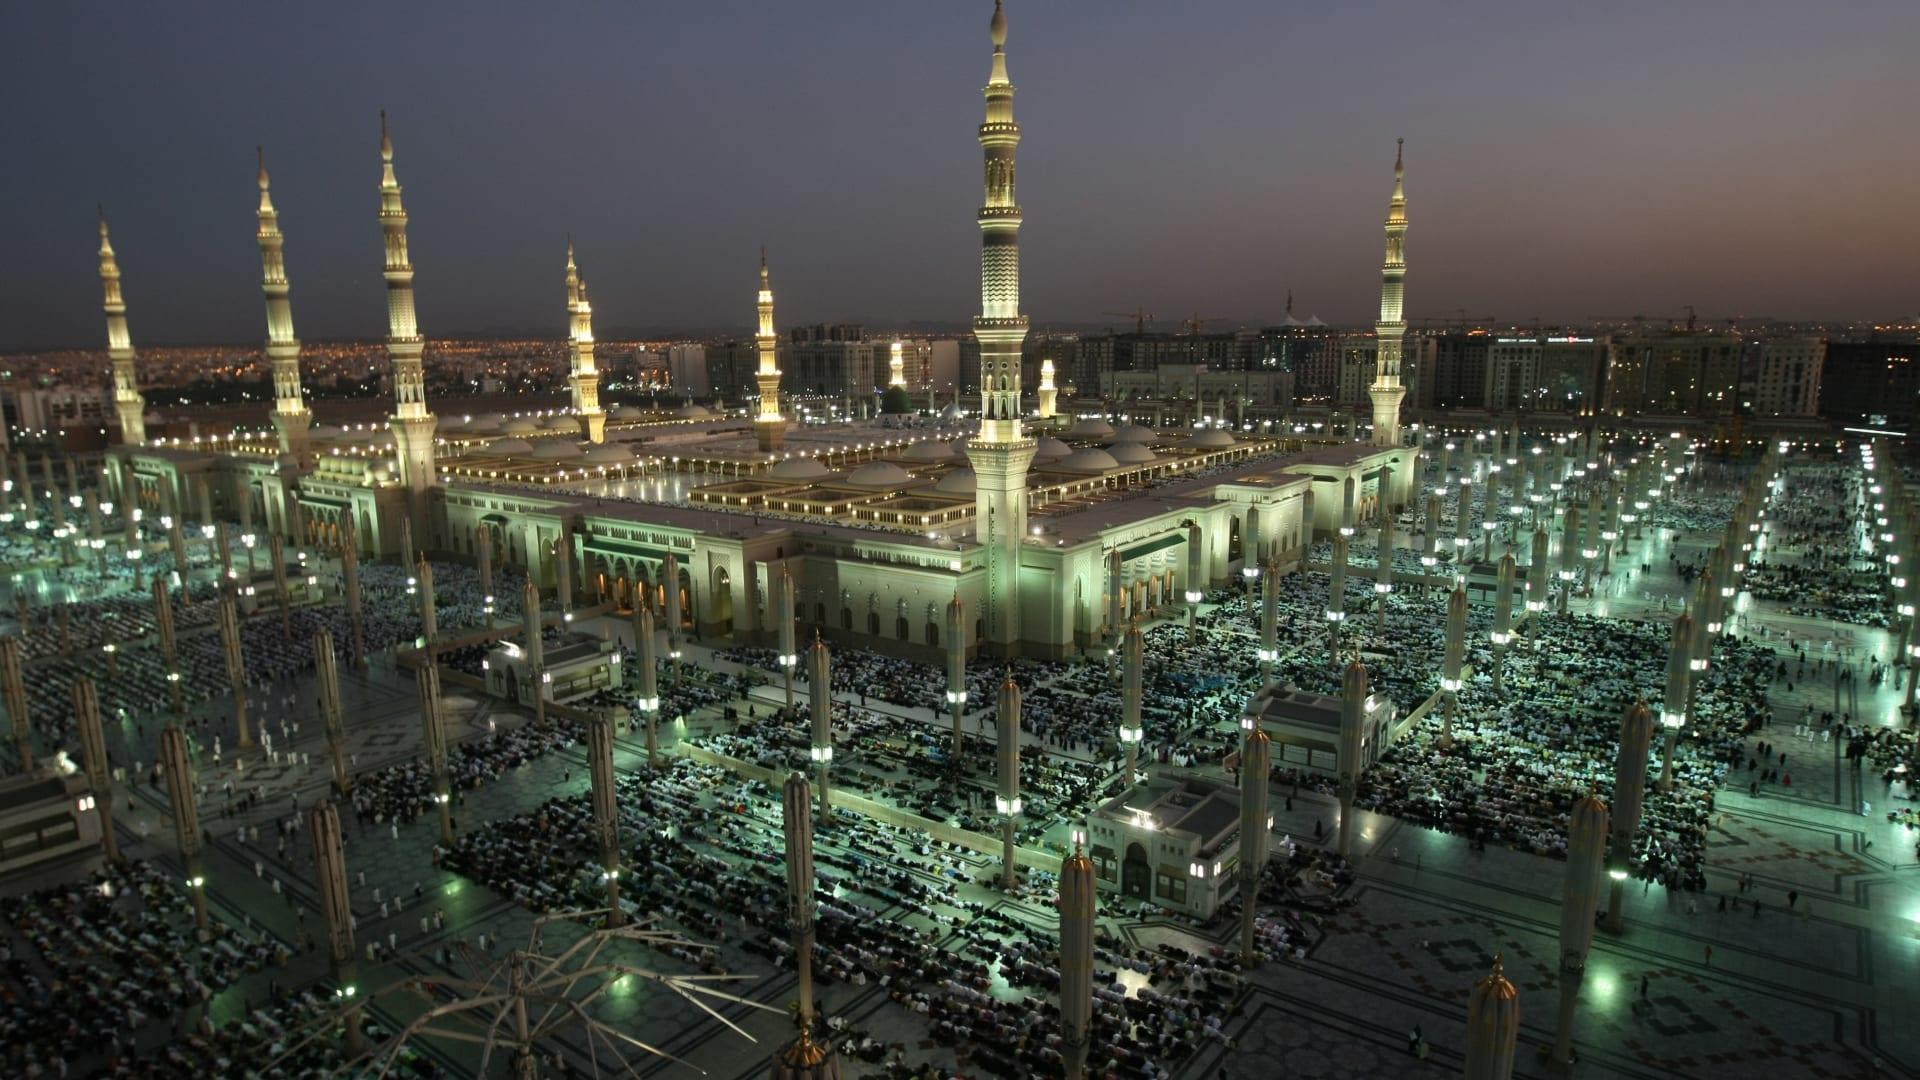 السعودية: اعتماد خطة فتح المسجد النبوي.. وبروتوكولات وقائية جديدة للحد من كورونا